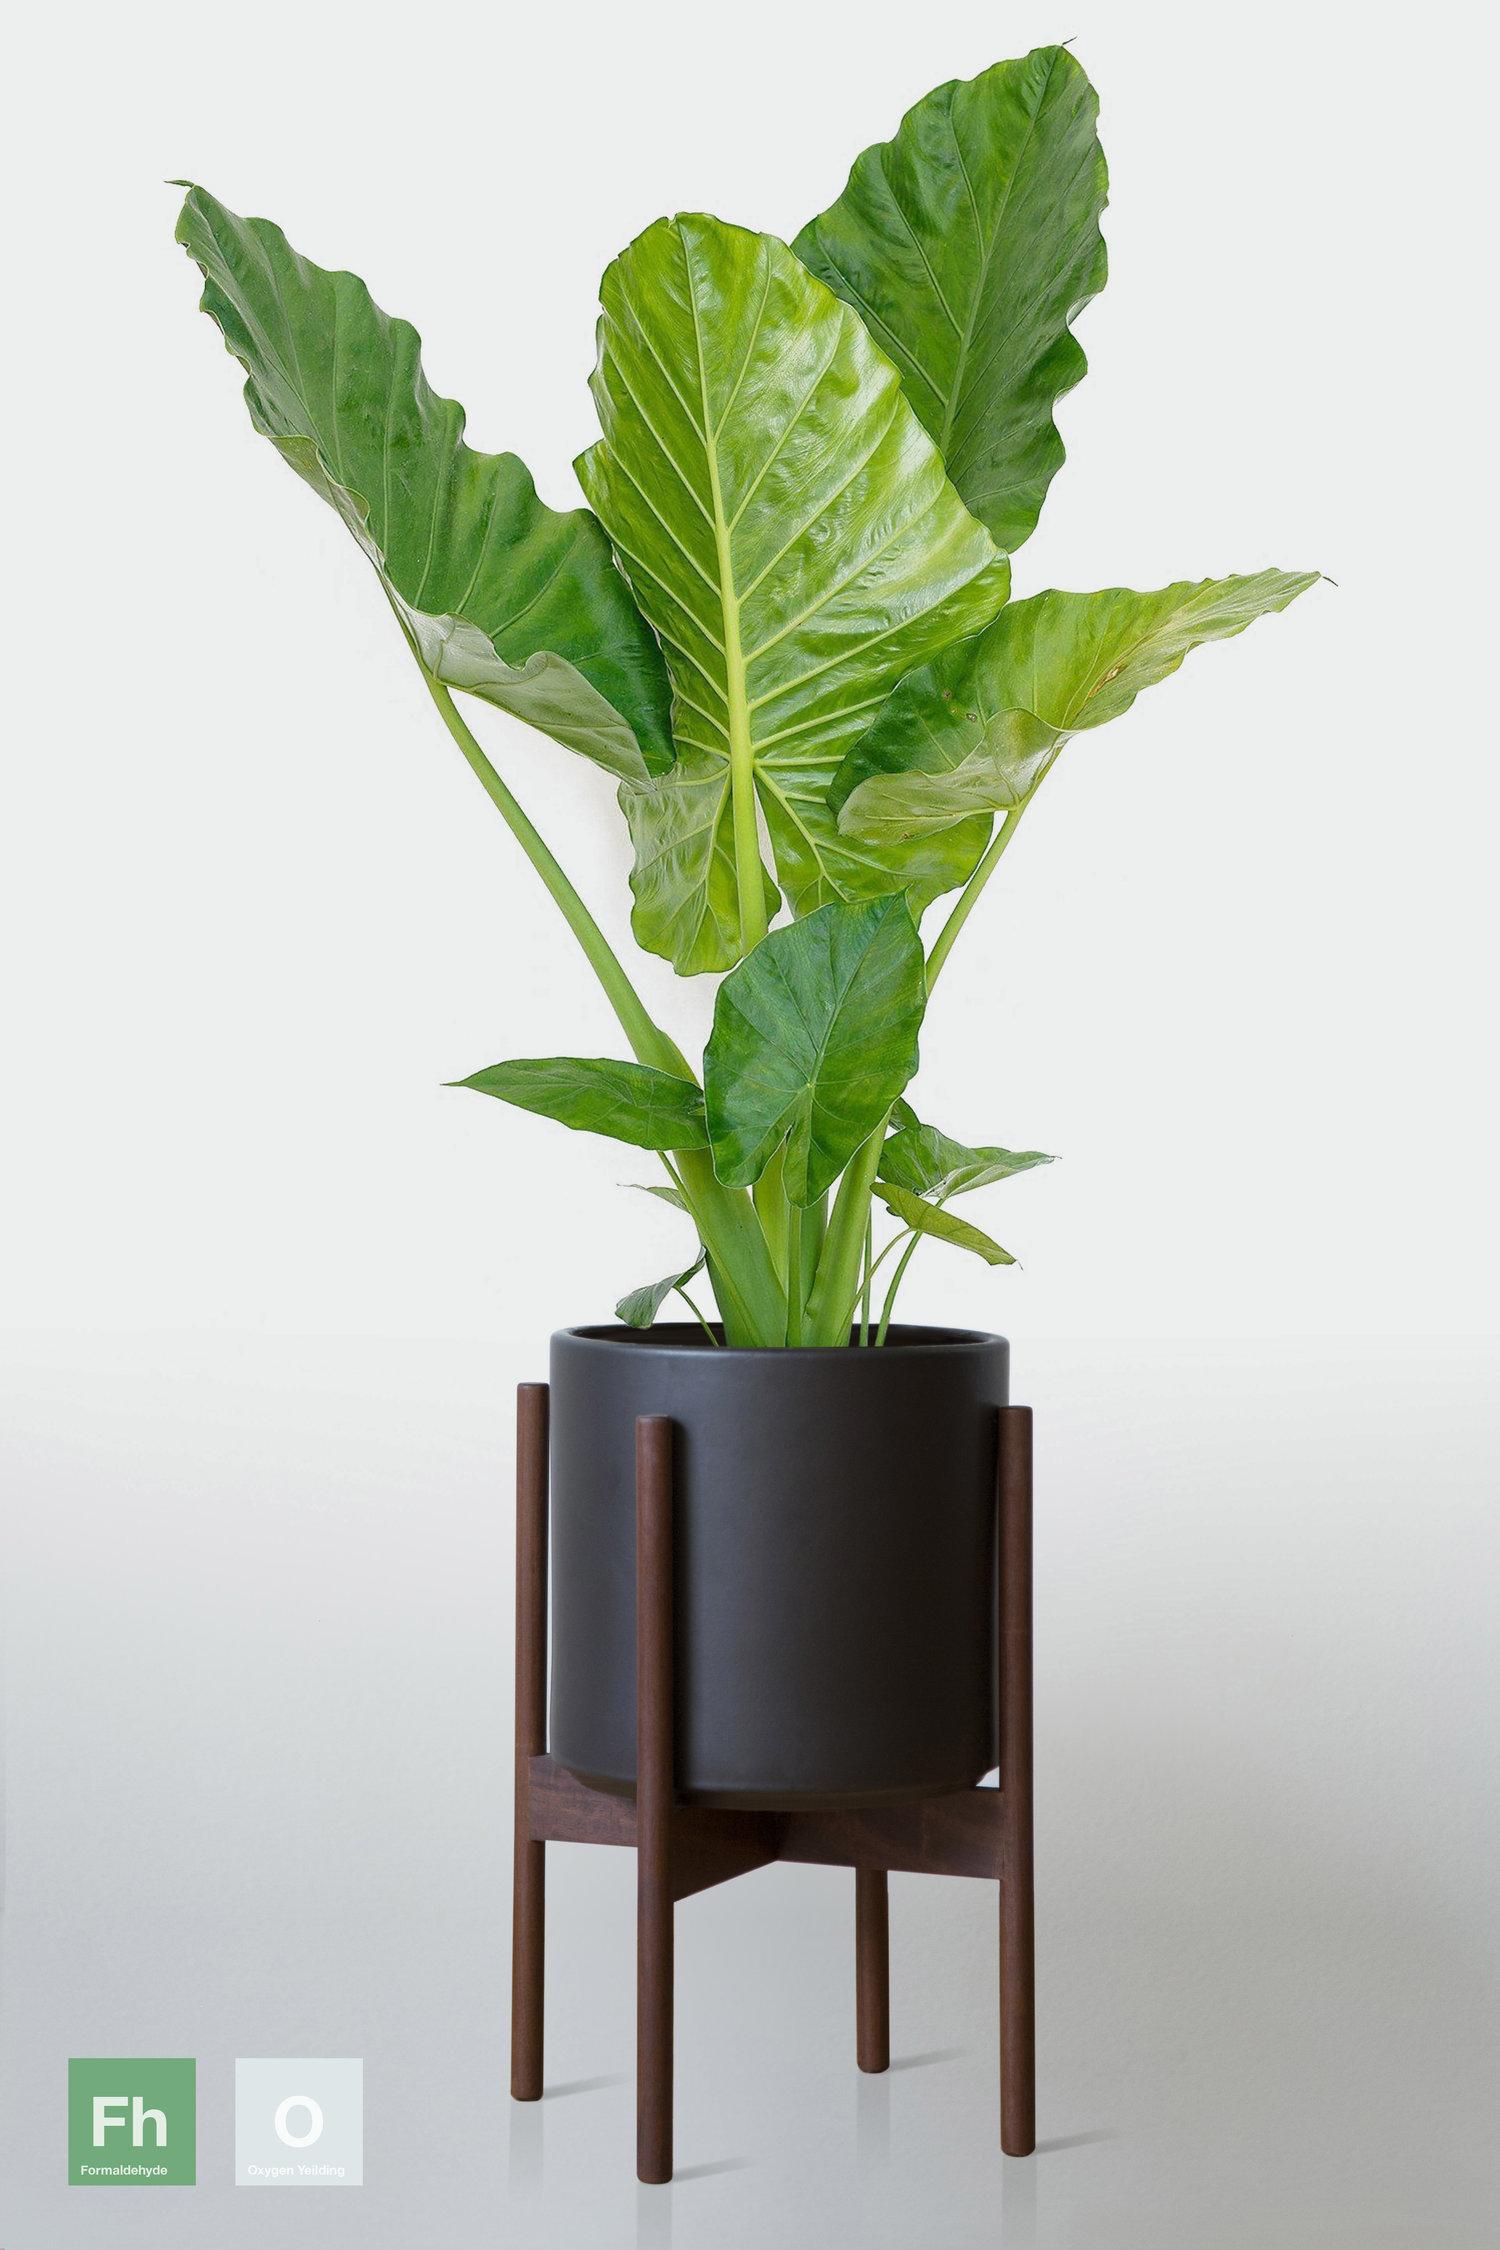 Tập hợp những loại cây trồng trong nhà được NASA gợi ý để cải thiện sức khỏe - Ảnh 9.